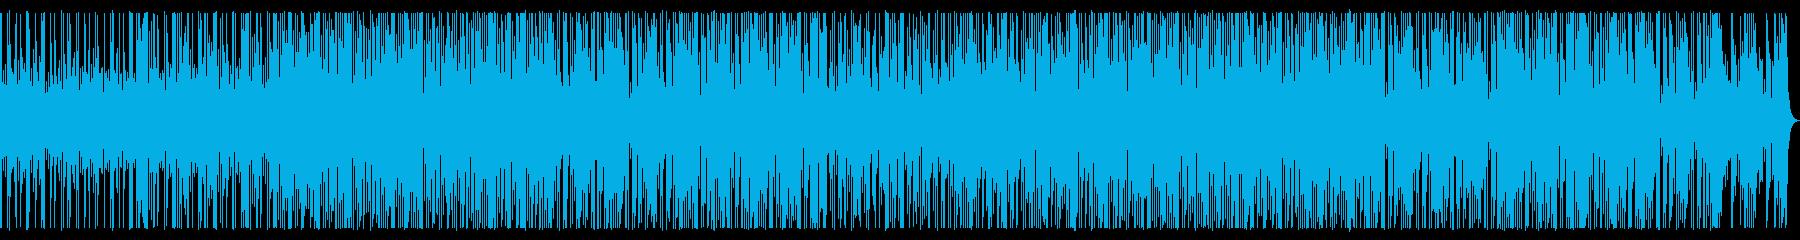 レトロ/アーバン/R&B_No463の再生済みの波形